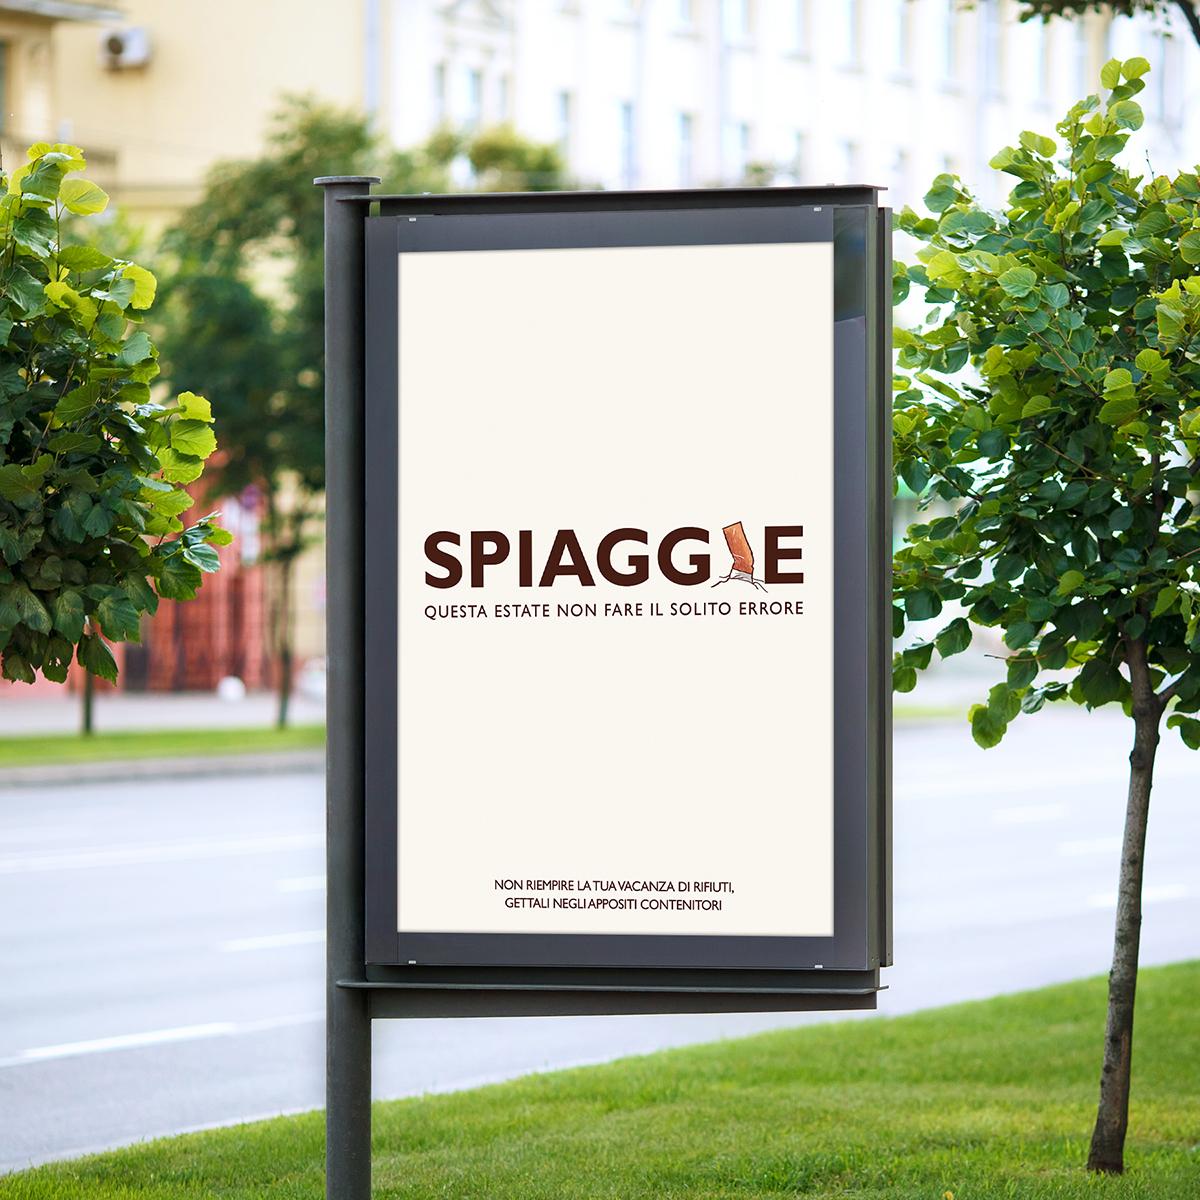 SPIAGGE_MOCKUP_SIGARETTA